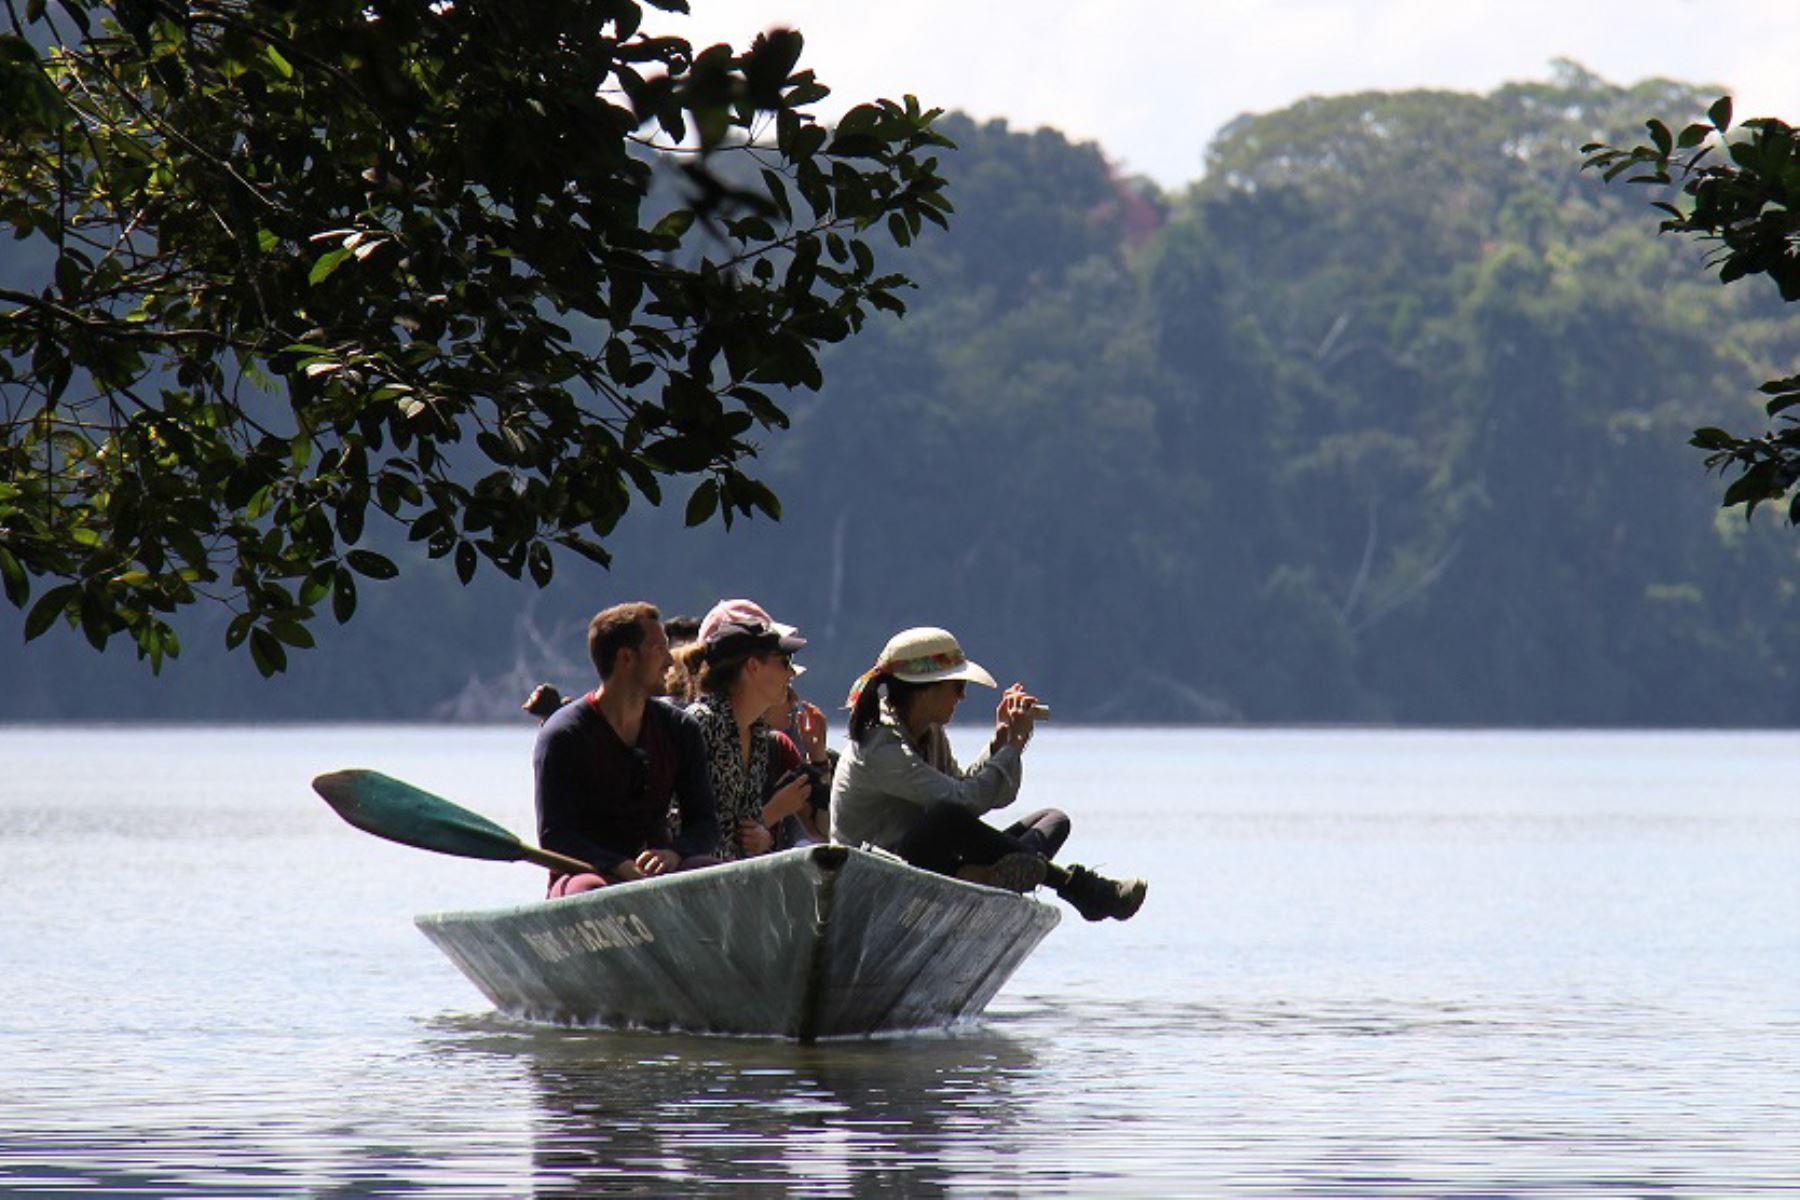 Más de 2 millones y medio de turistas visitaron las áreas naturales protegidas durante el 2019, lo que representa un incremento de 14% anual desde hace cinco años, informó el Sernanp. ANDINA/Difusión